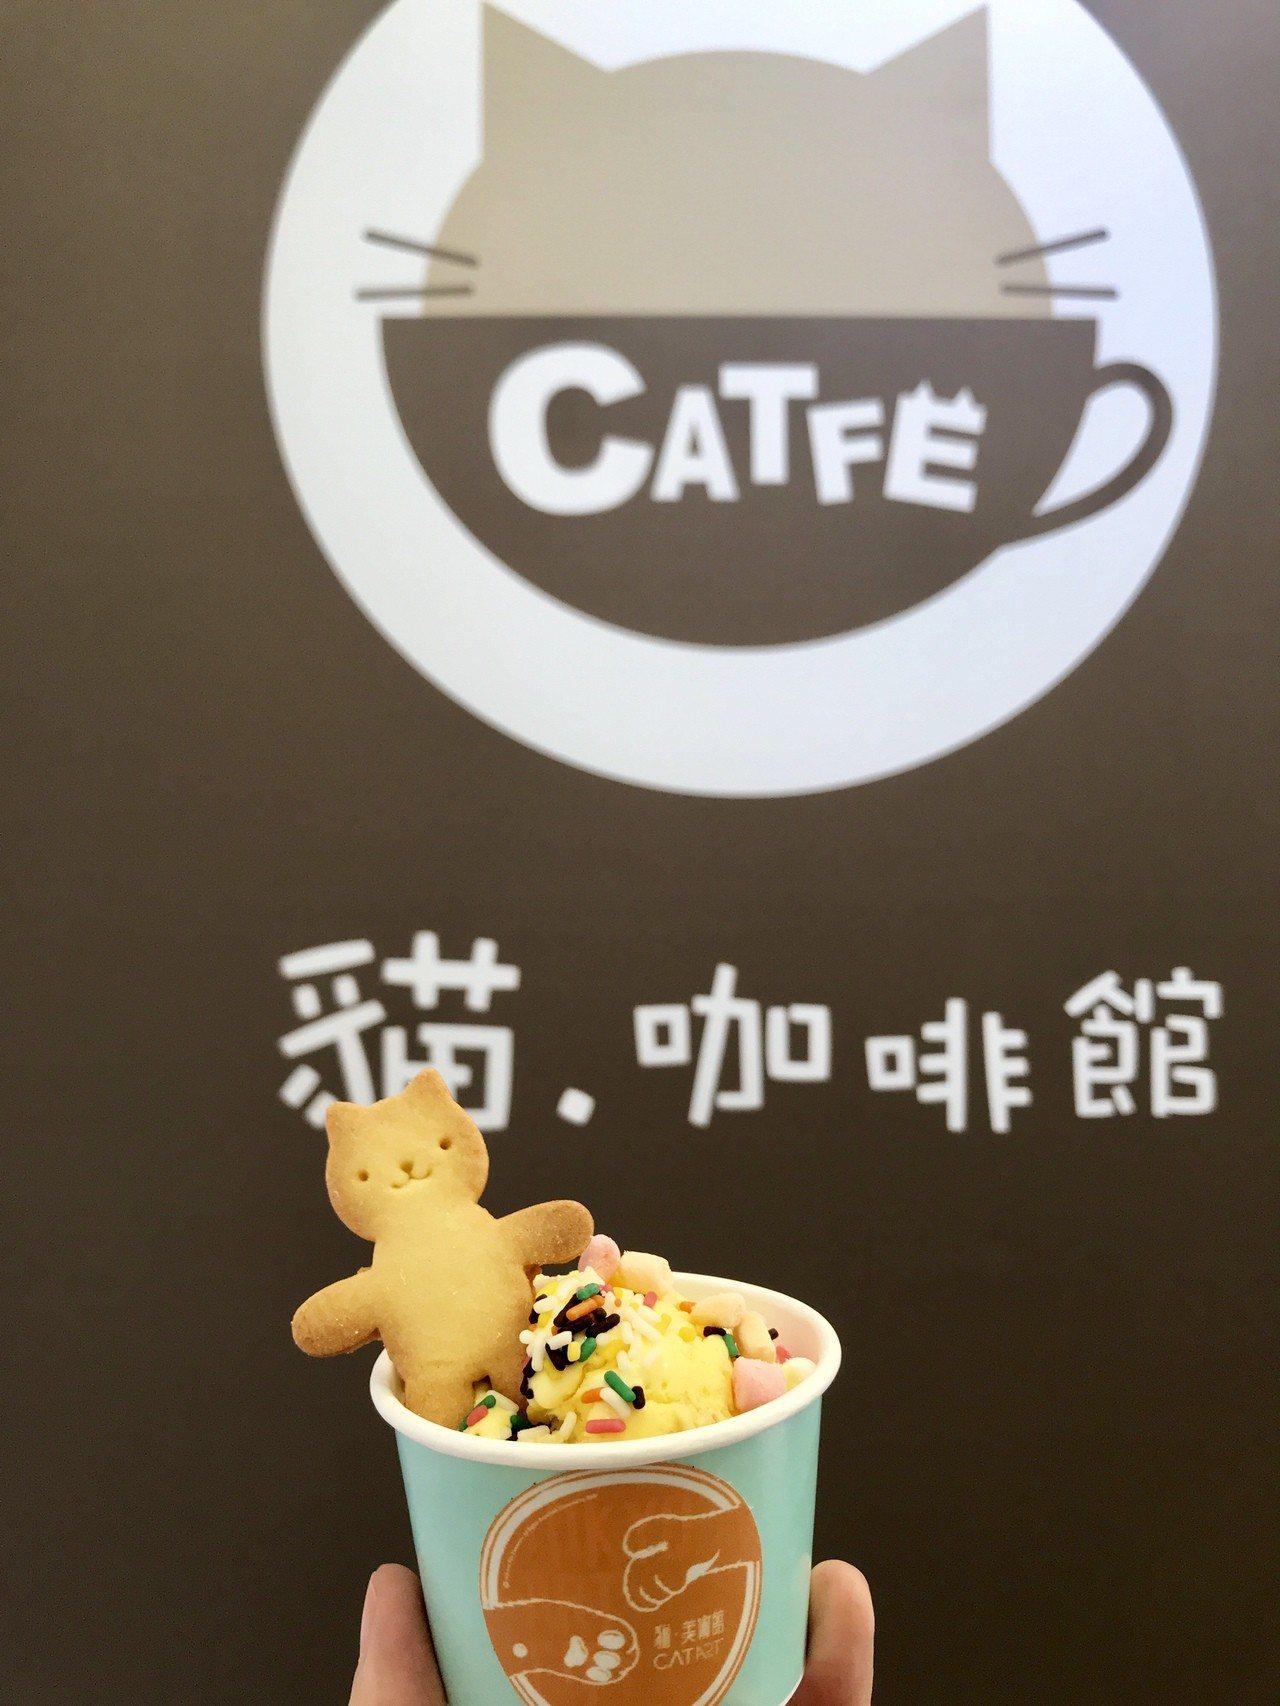 抱抱貓冰淇淋69元。記者江佩君/攝影